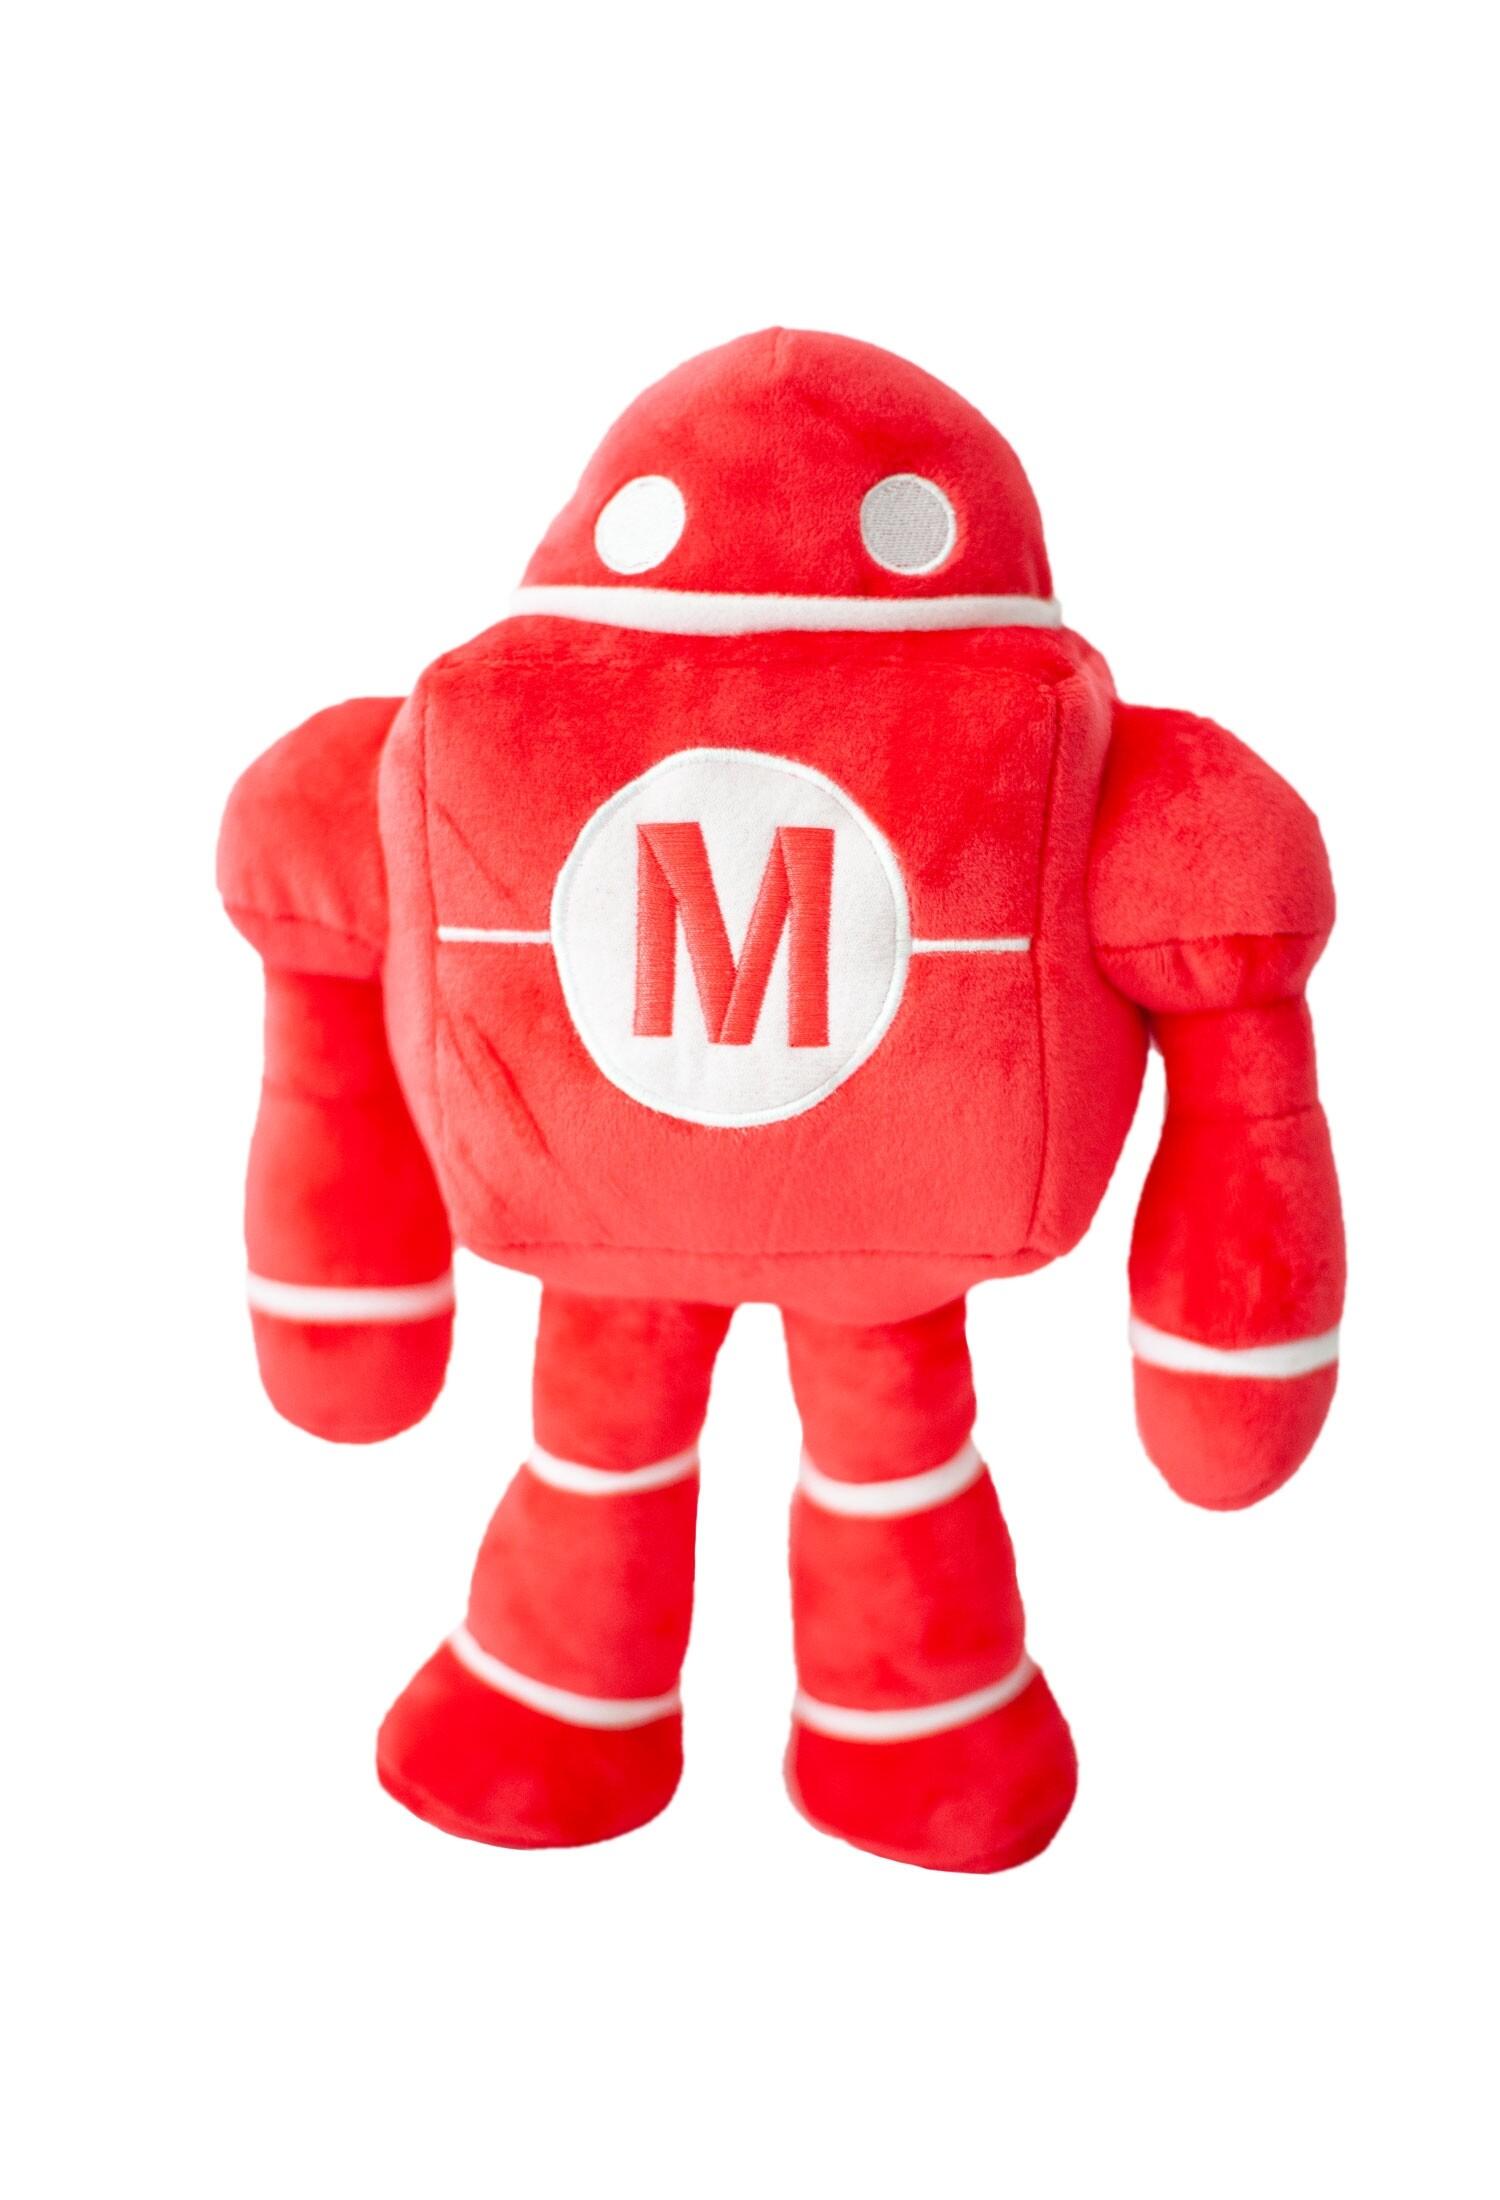 Makey-Plüschroboter